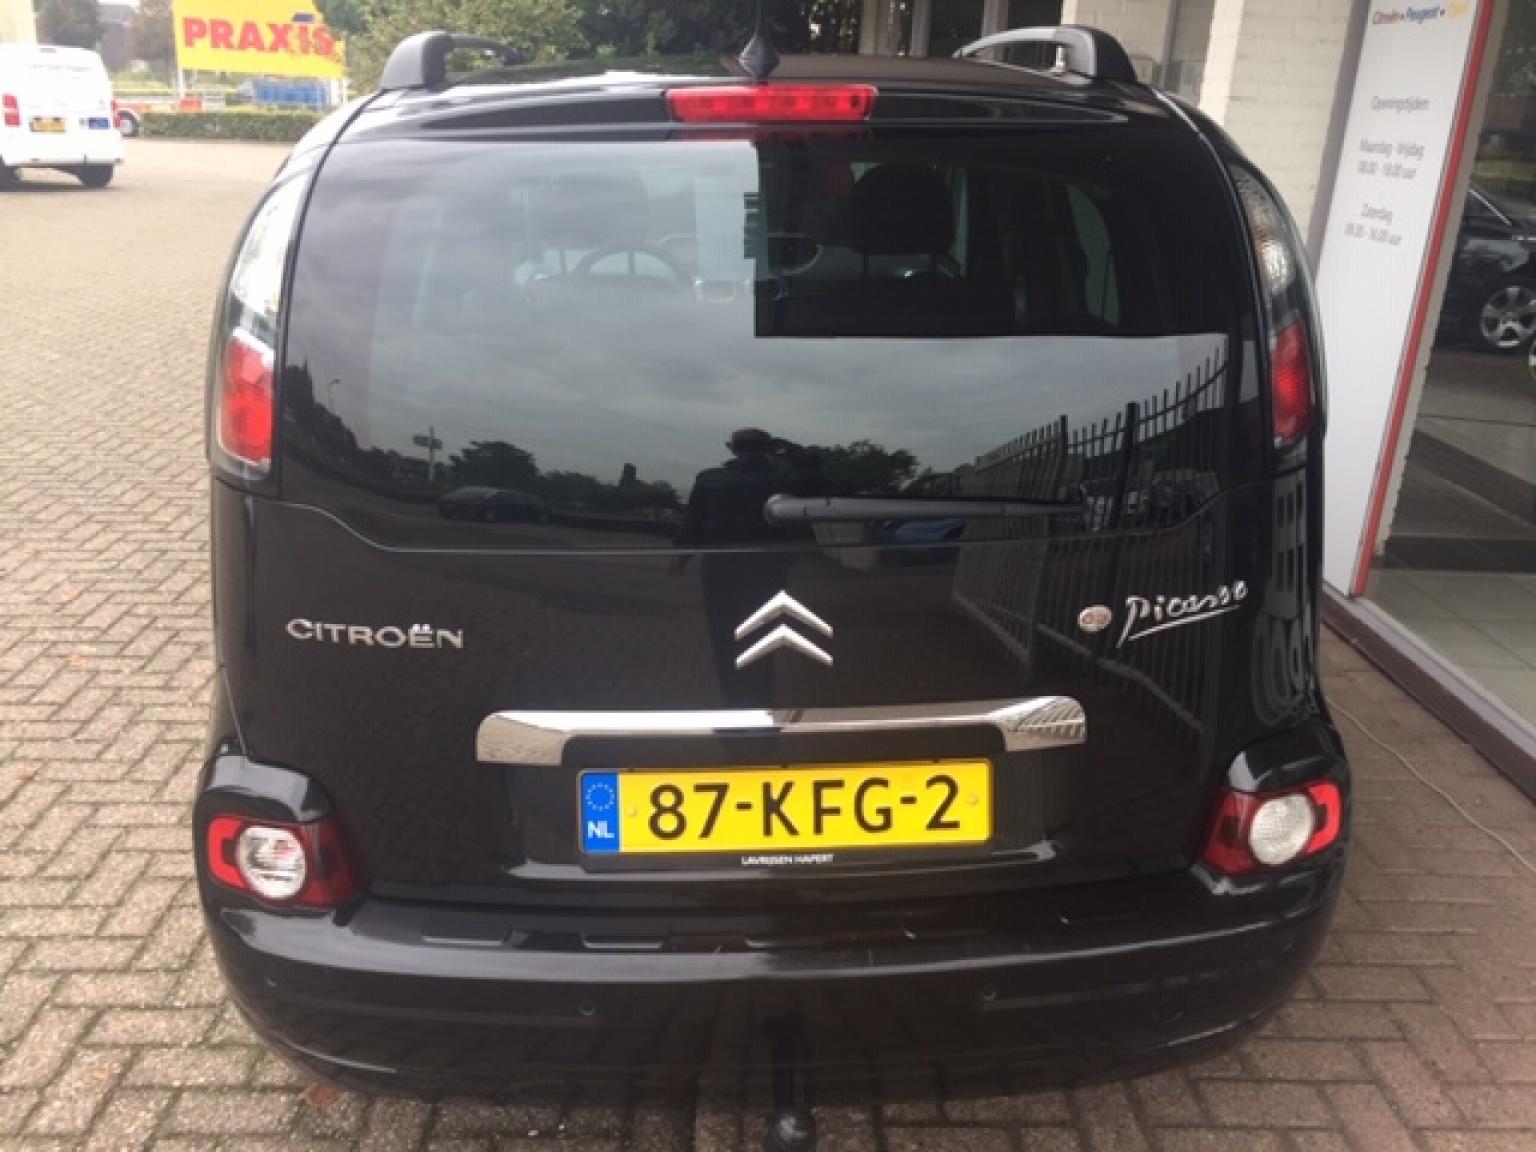 Citroën-C3 Picasso-2